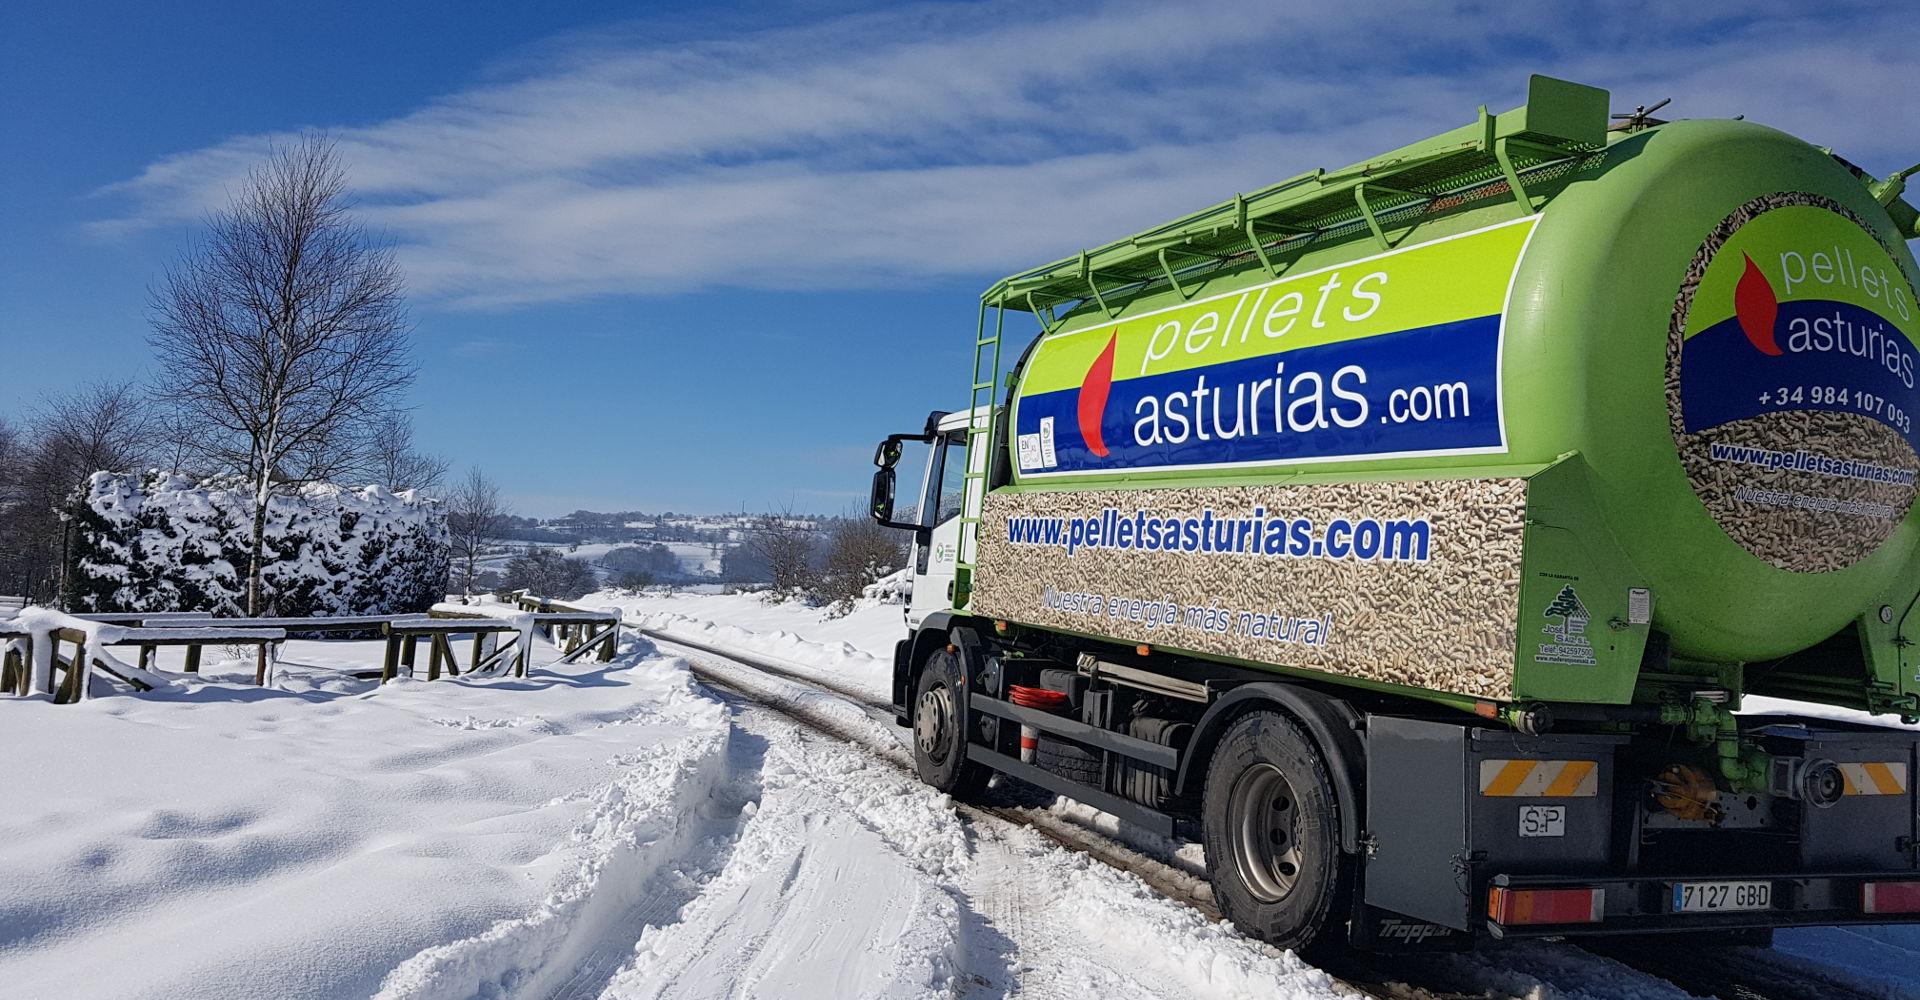 Camión de reparto de pellets sobre nieve